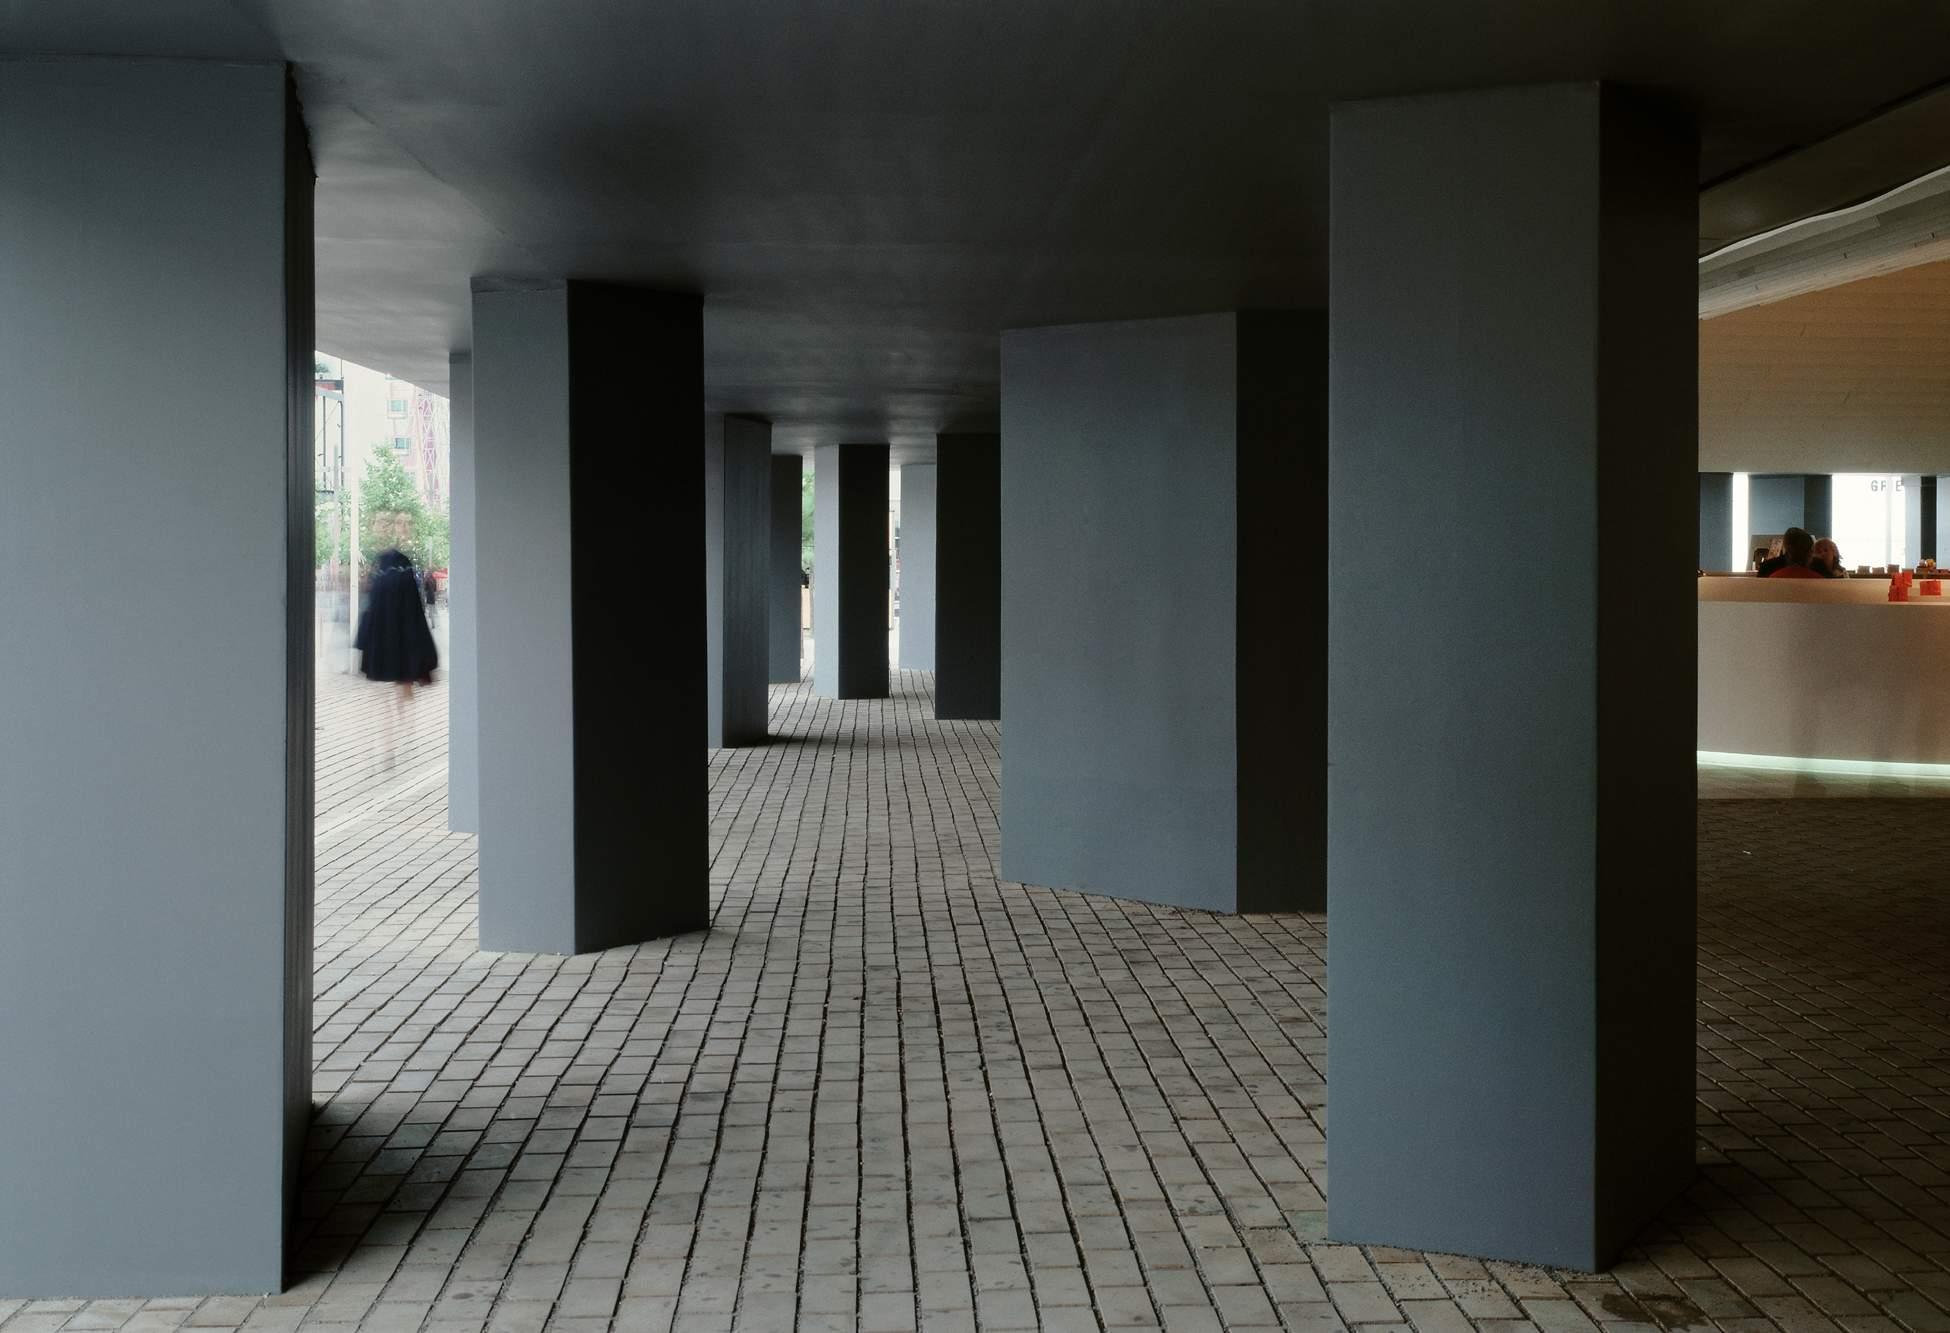 6-hannover-pilaresdm25